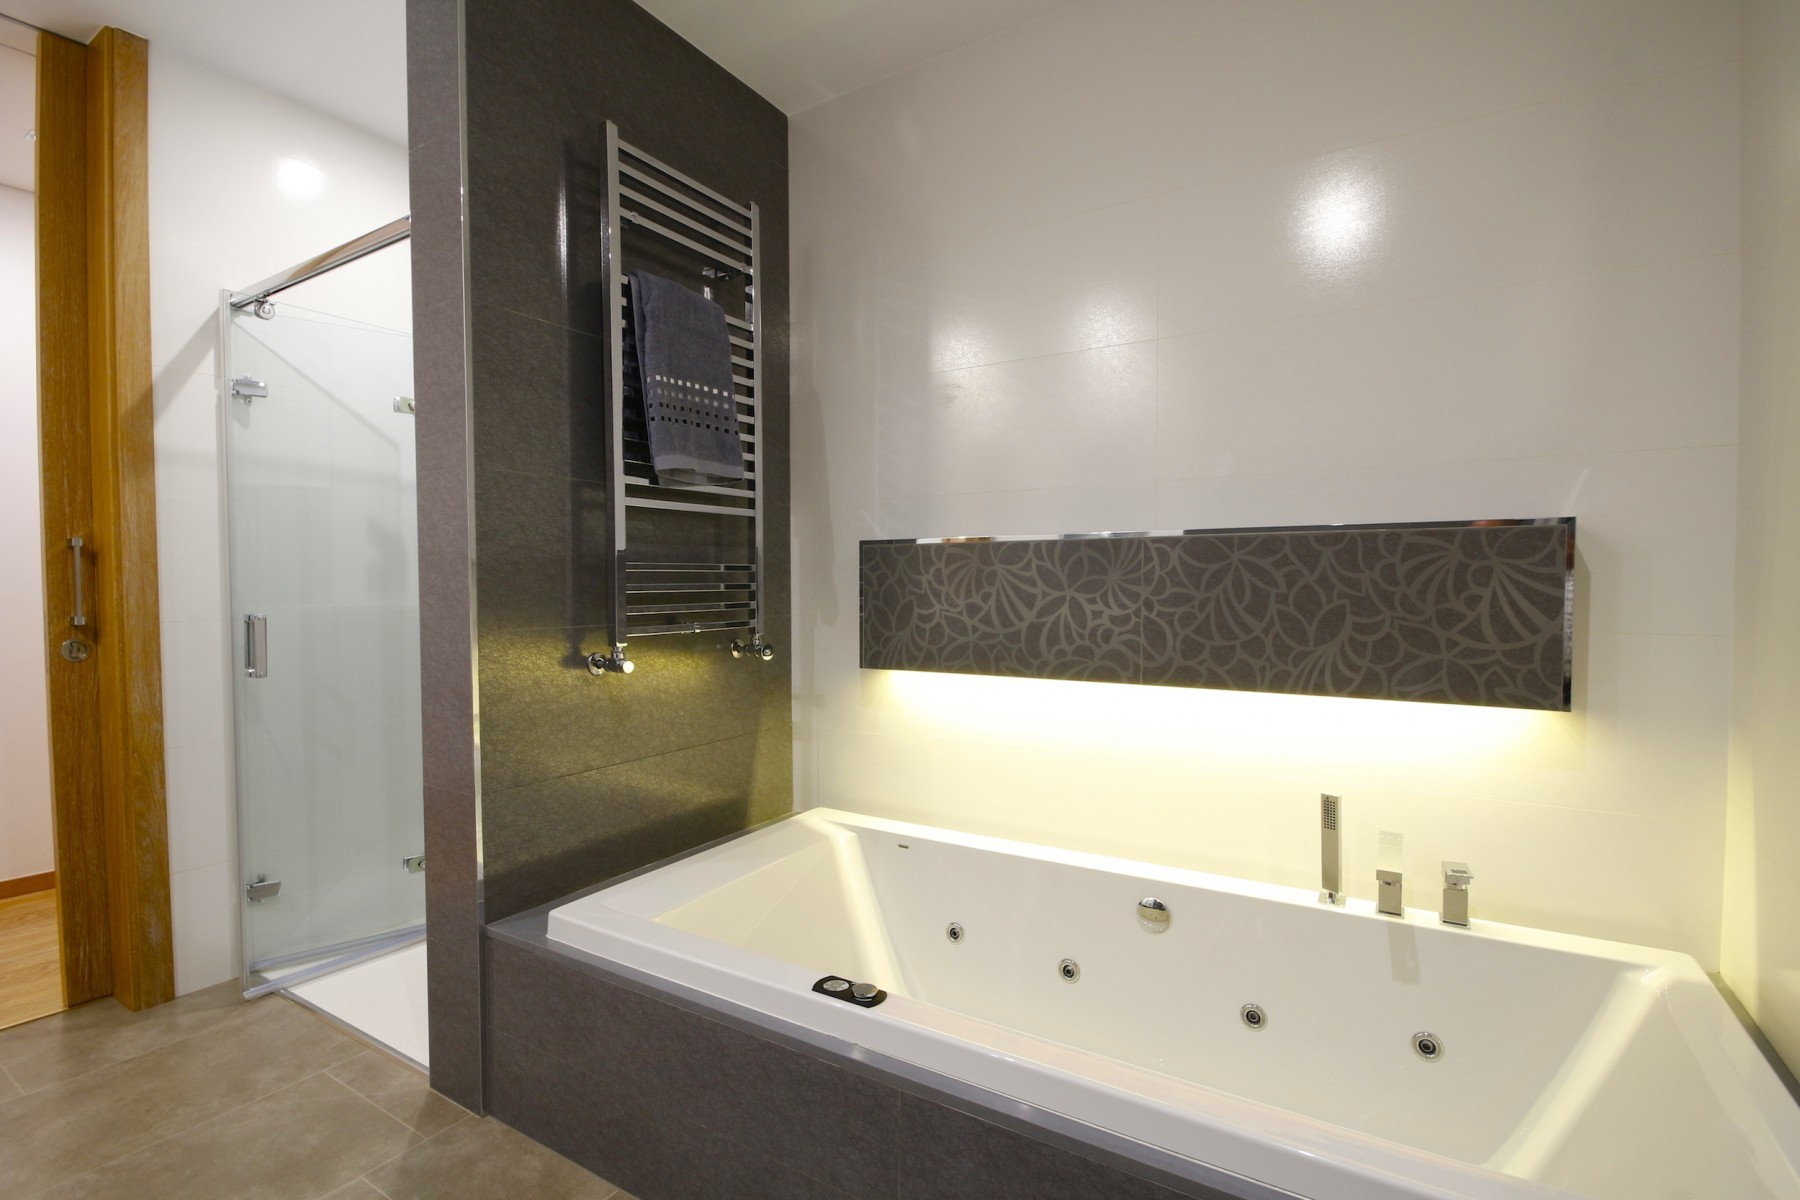 Nett Kww Küchenschränke Bad San Jose Galerie - Küchenschrank Ideen ...